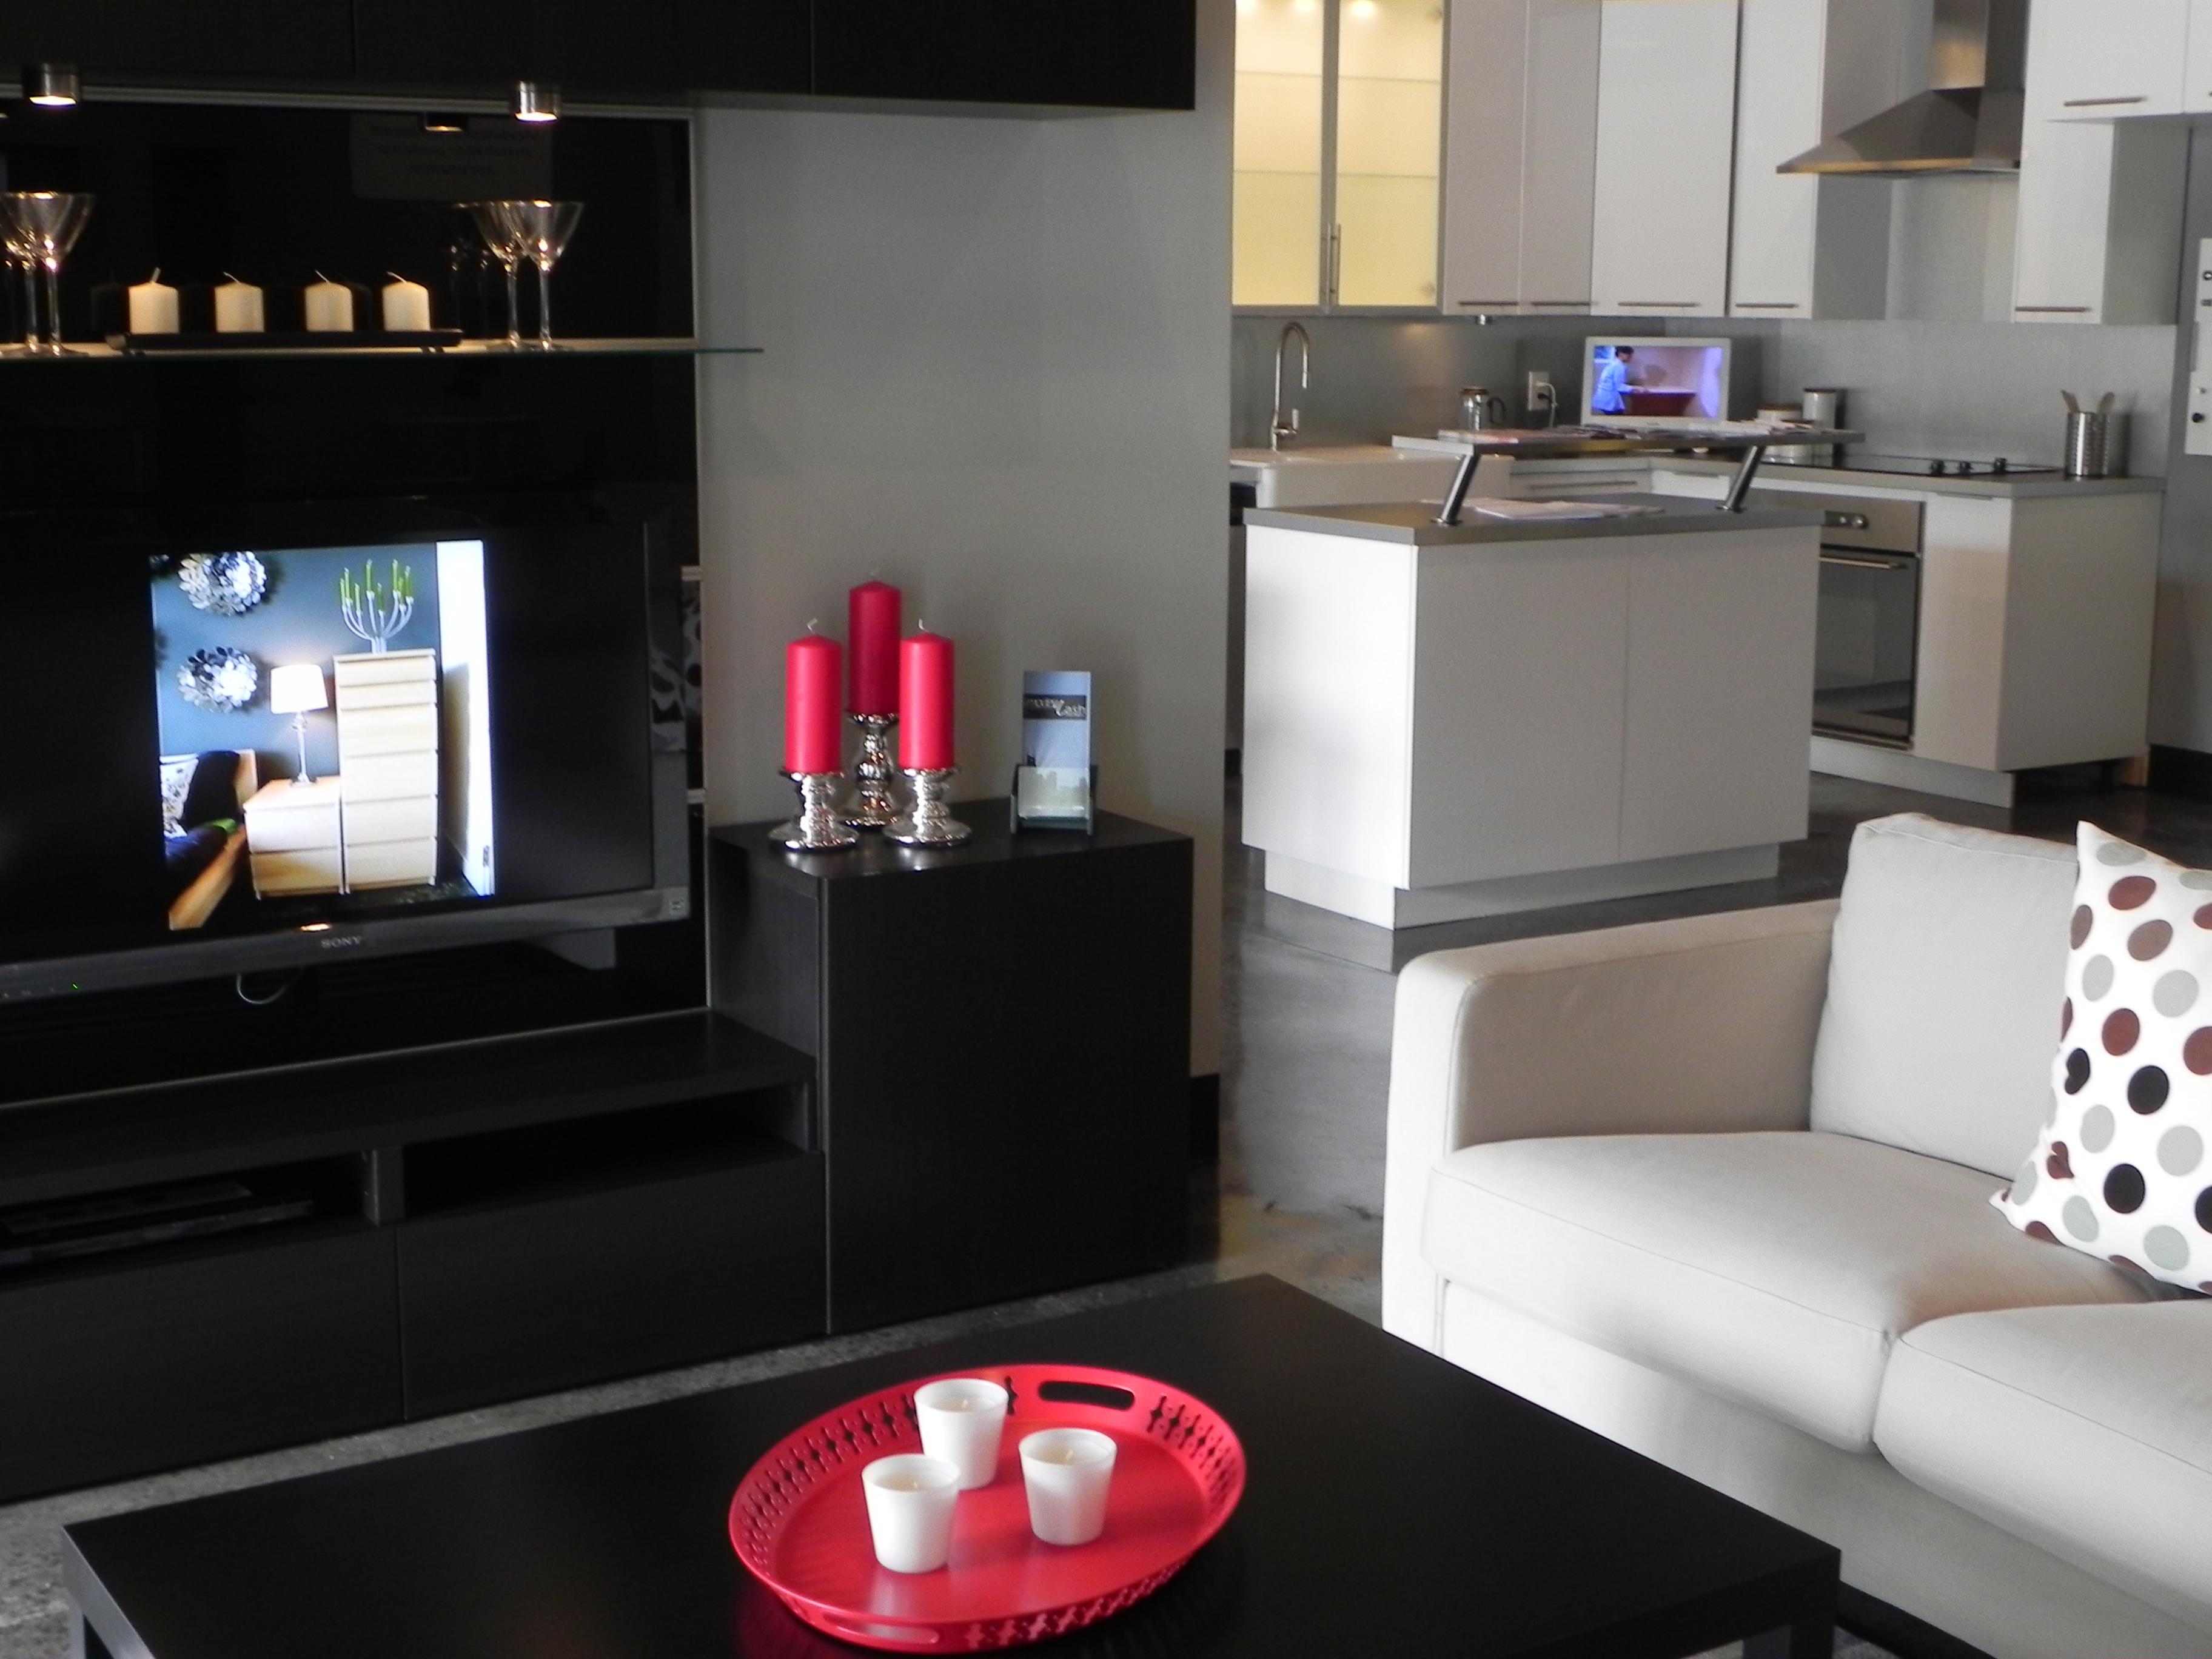 Modernash delivers ikea experience to nashvillians the for Ikea customer service atlanta